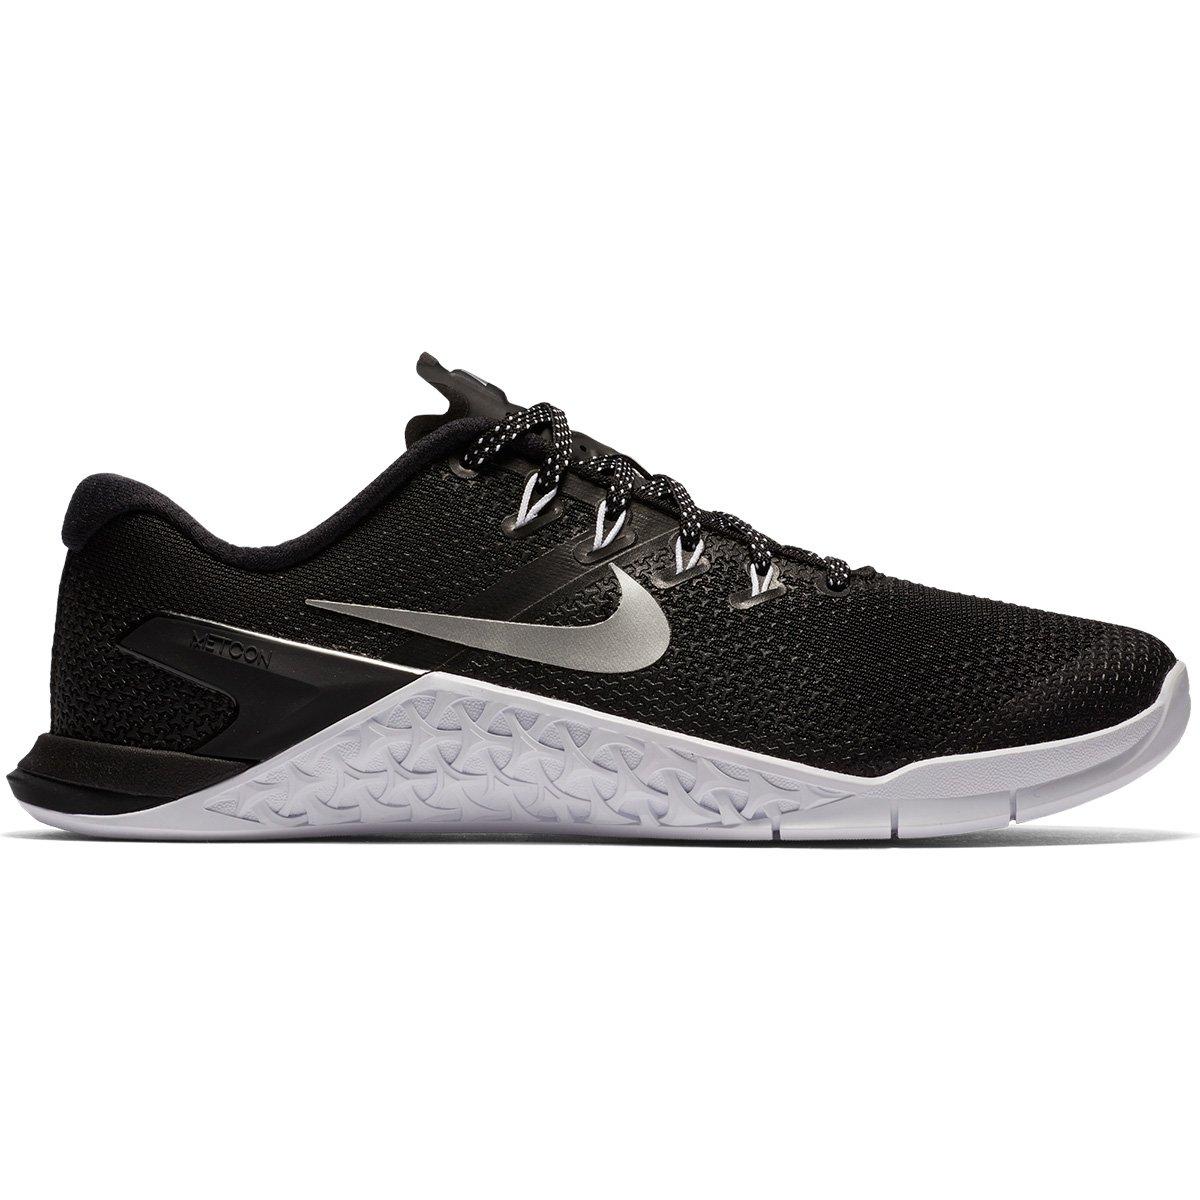 3b99781d3 Tênis Nike Metcon 4 Feminino | Livelo -Sua Vida com Mais Recompensas